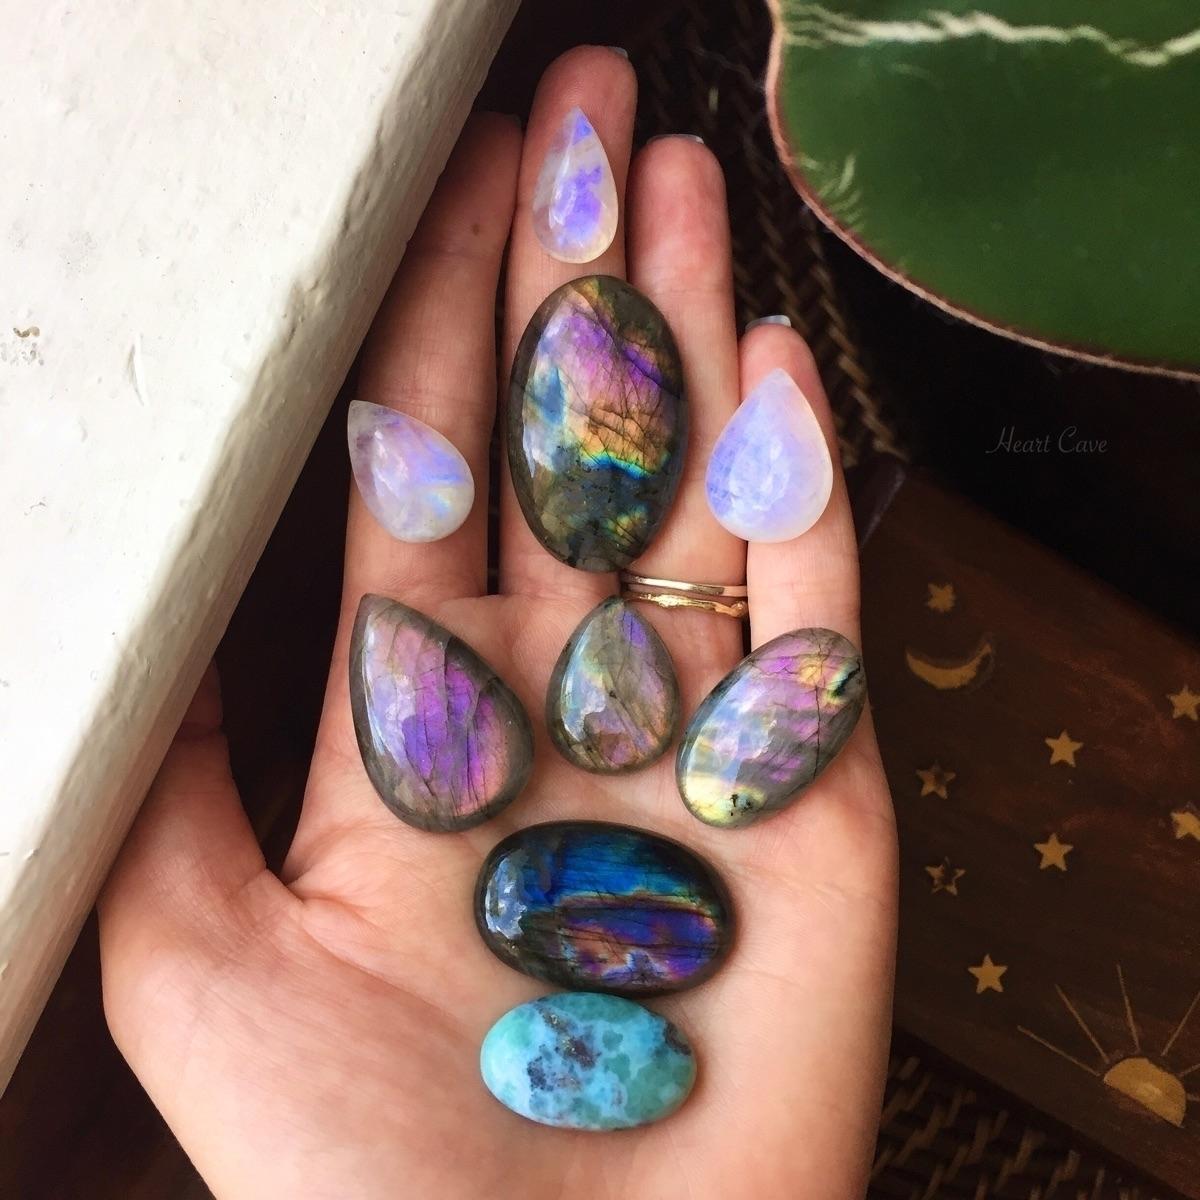 ellocrystals, labradorite, moonstone - heartcavejewelry   ello